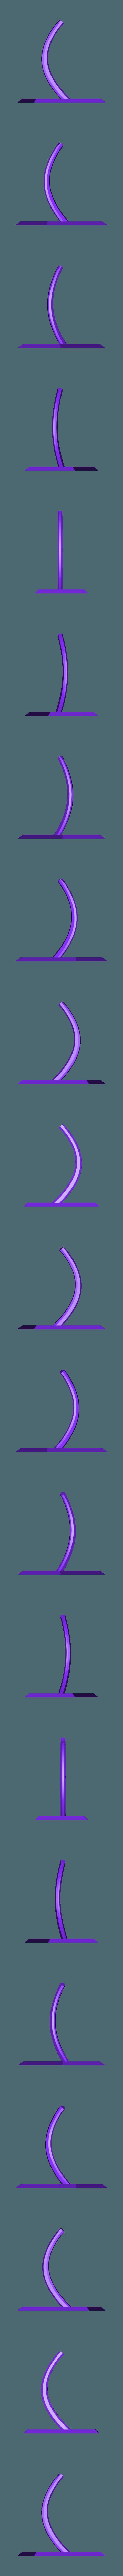 support.stl Download free STL file statue/rocket trophy for startup • 3D print design, blandiant